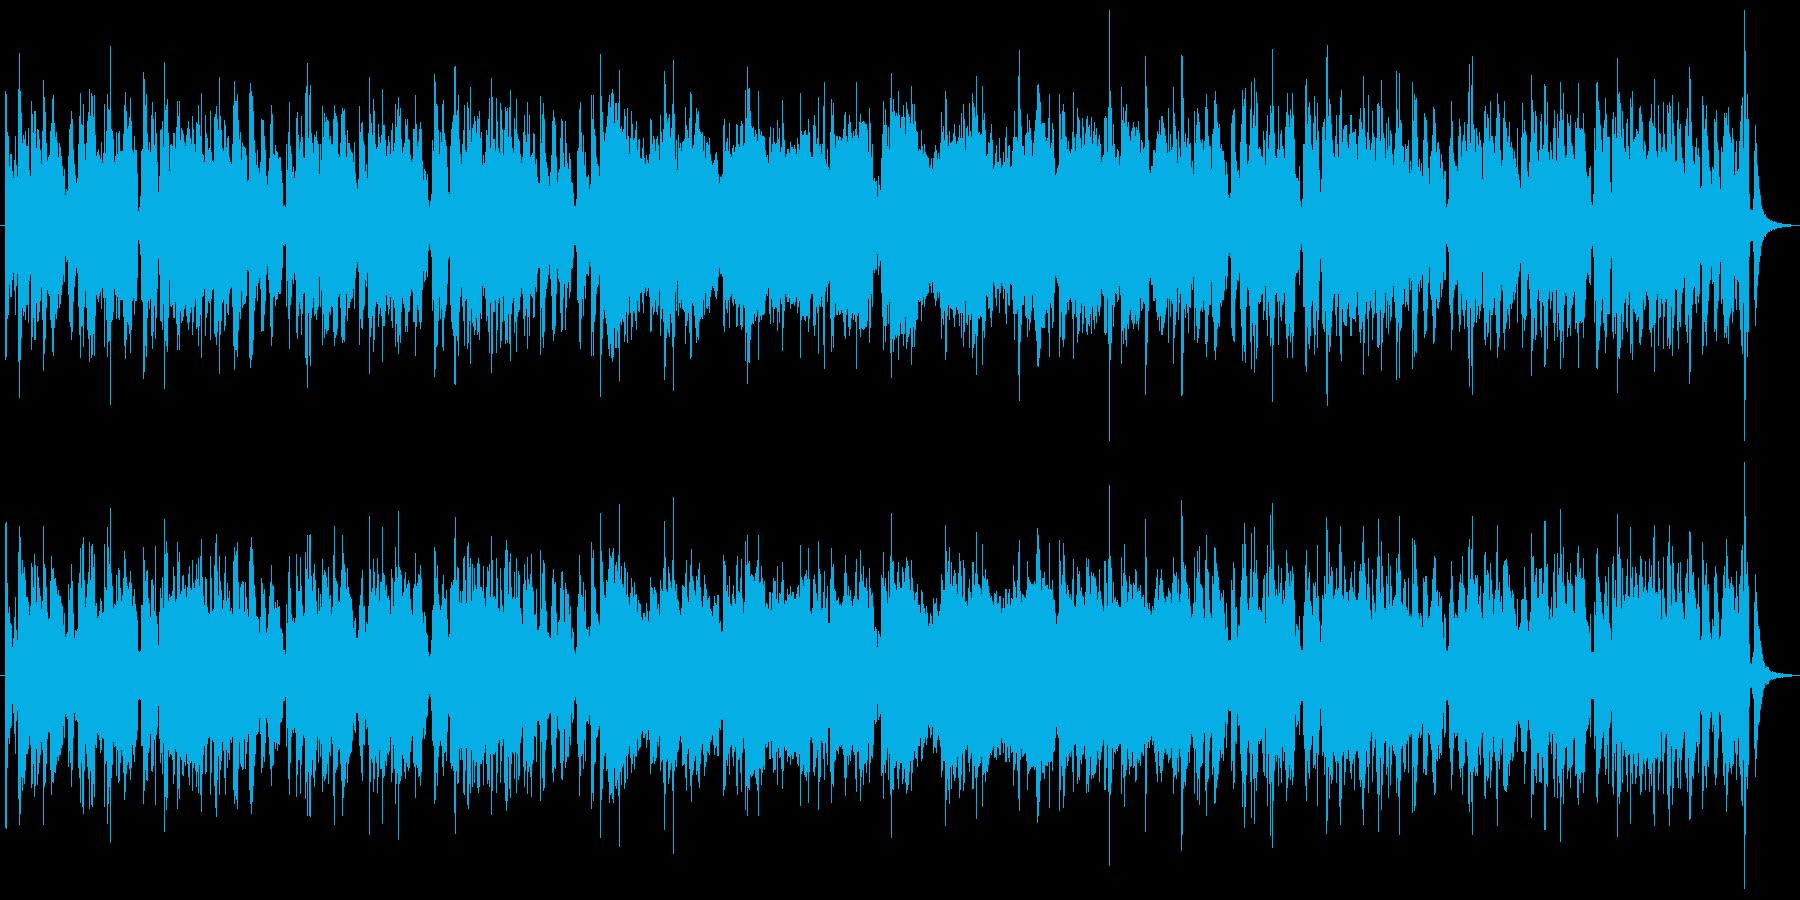 リズミカルで哀愁の漂うラテンチックな音楽の再生済みの波形